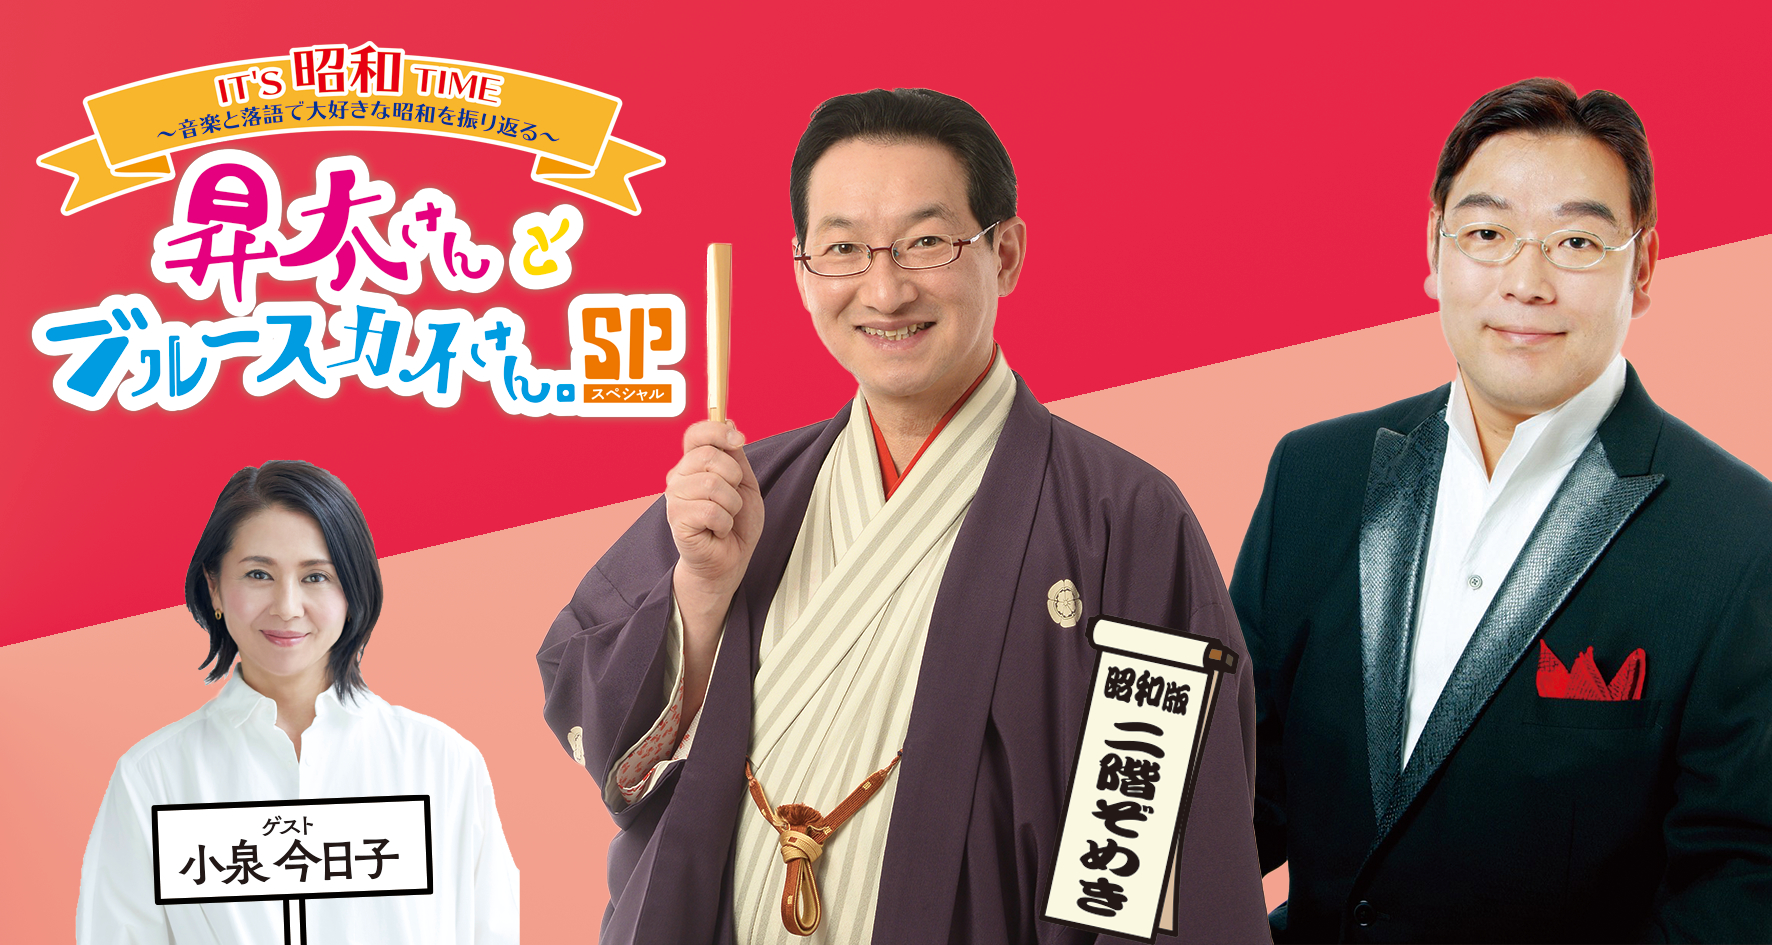 「としま文化の日」記念事業 IT'S昭和TIME ~音楽と落語で大好きな昭和を振り返る~昇太さんとブルースカイさん。SP 告知画像